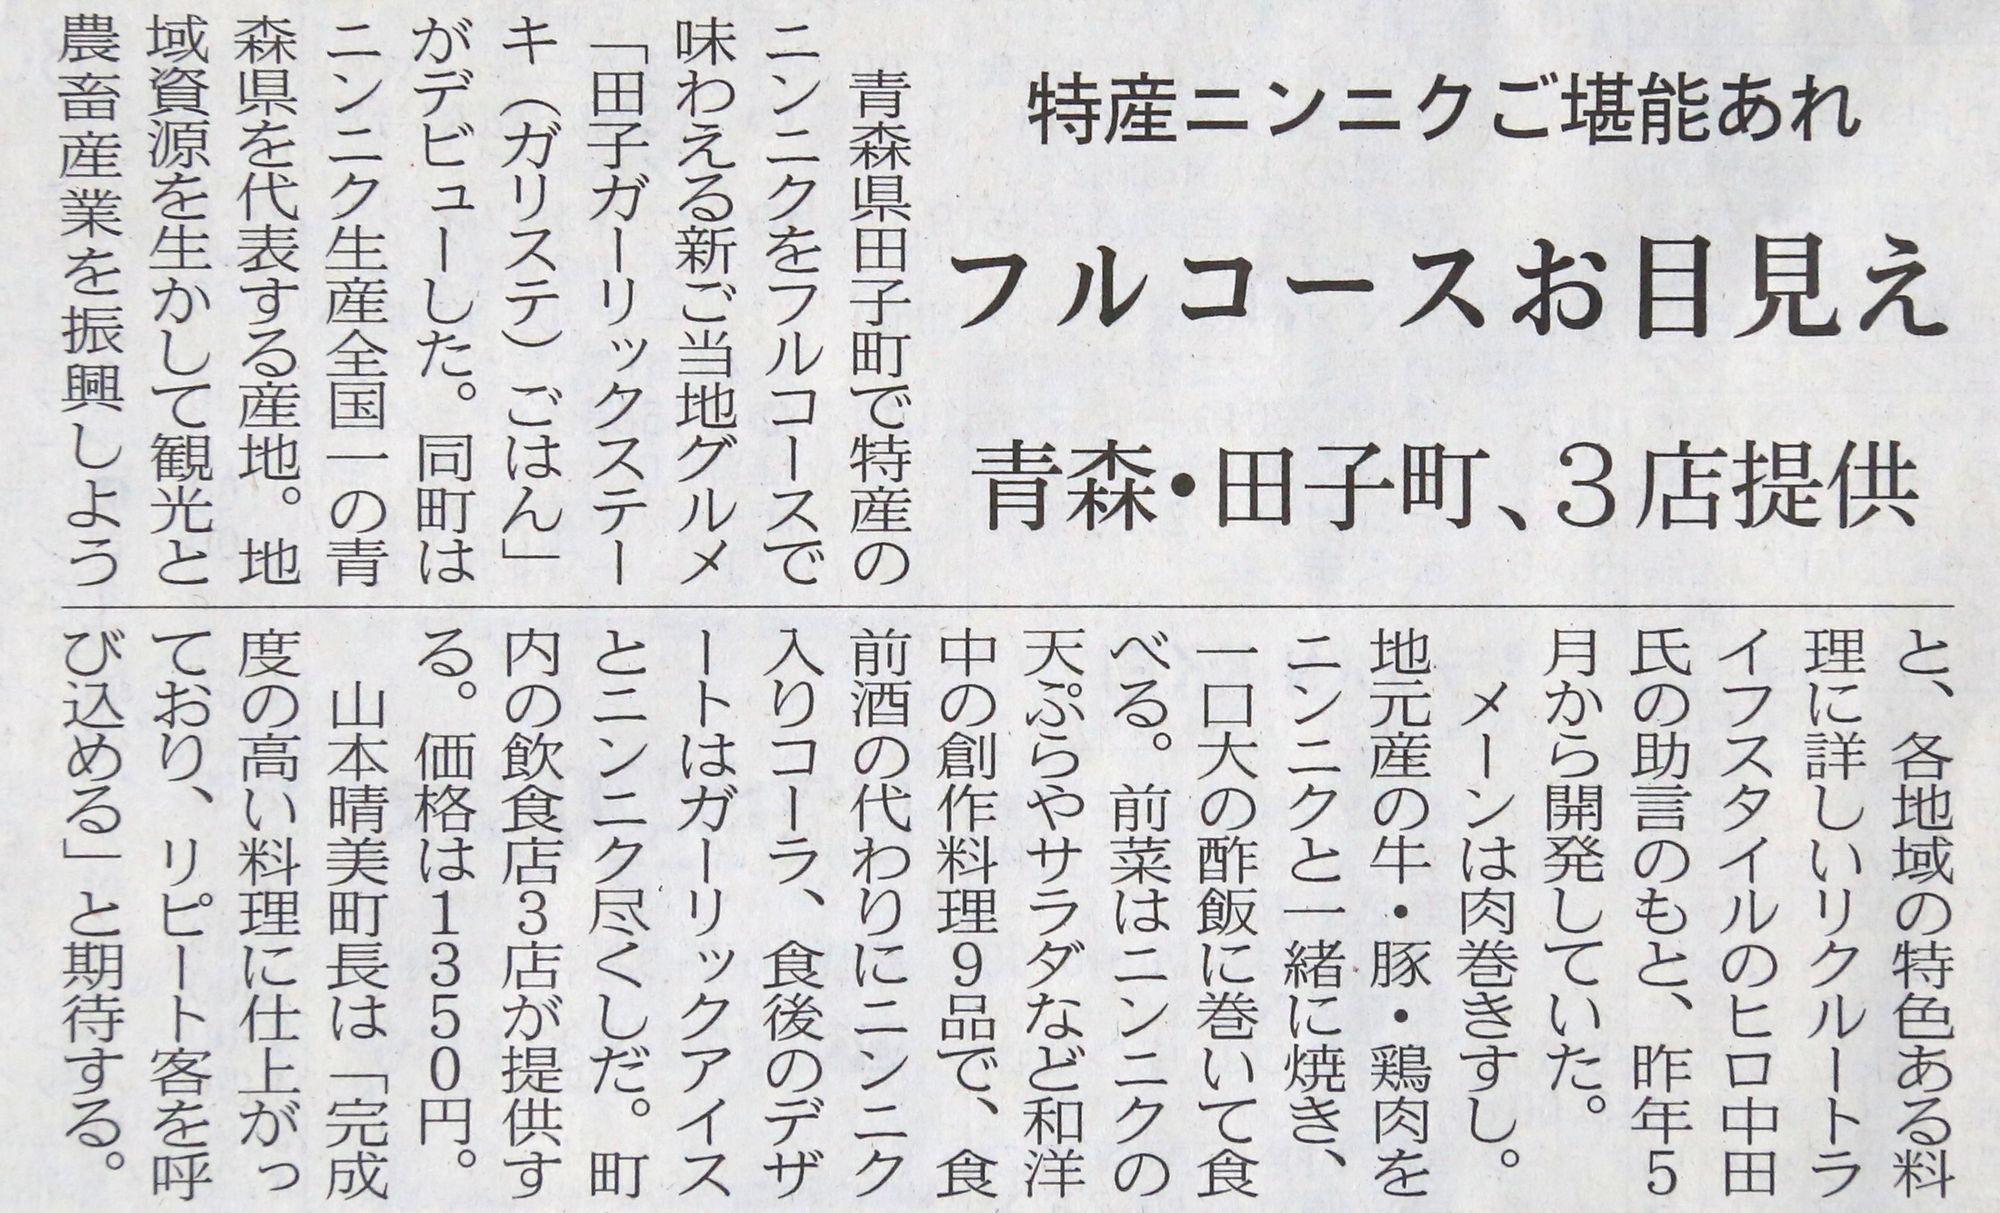 640388日本経済新聞20160405